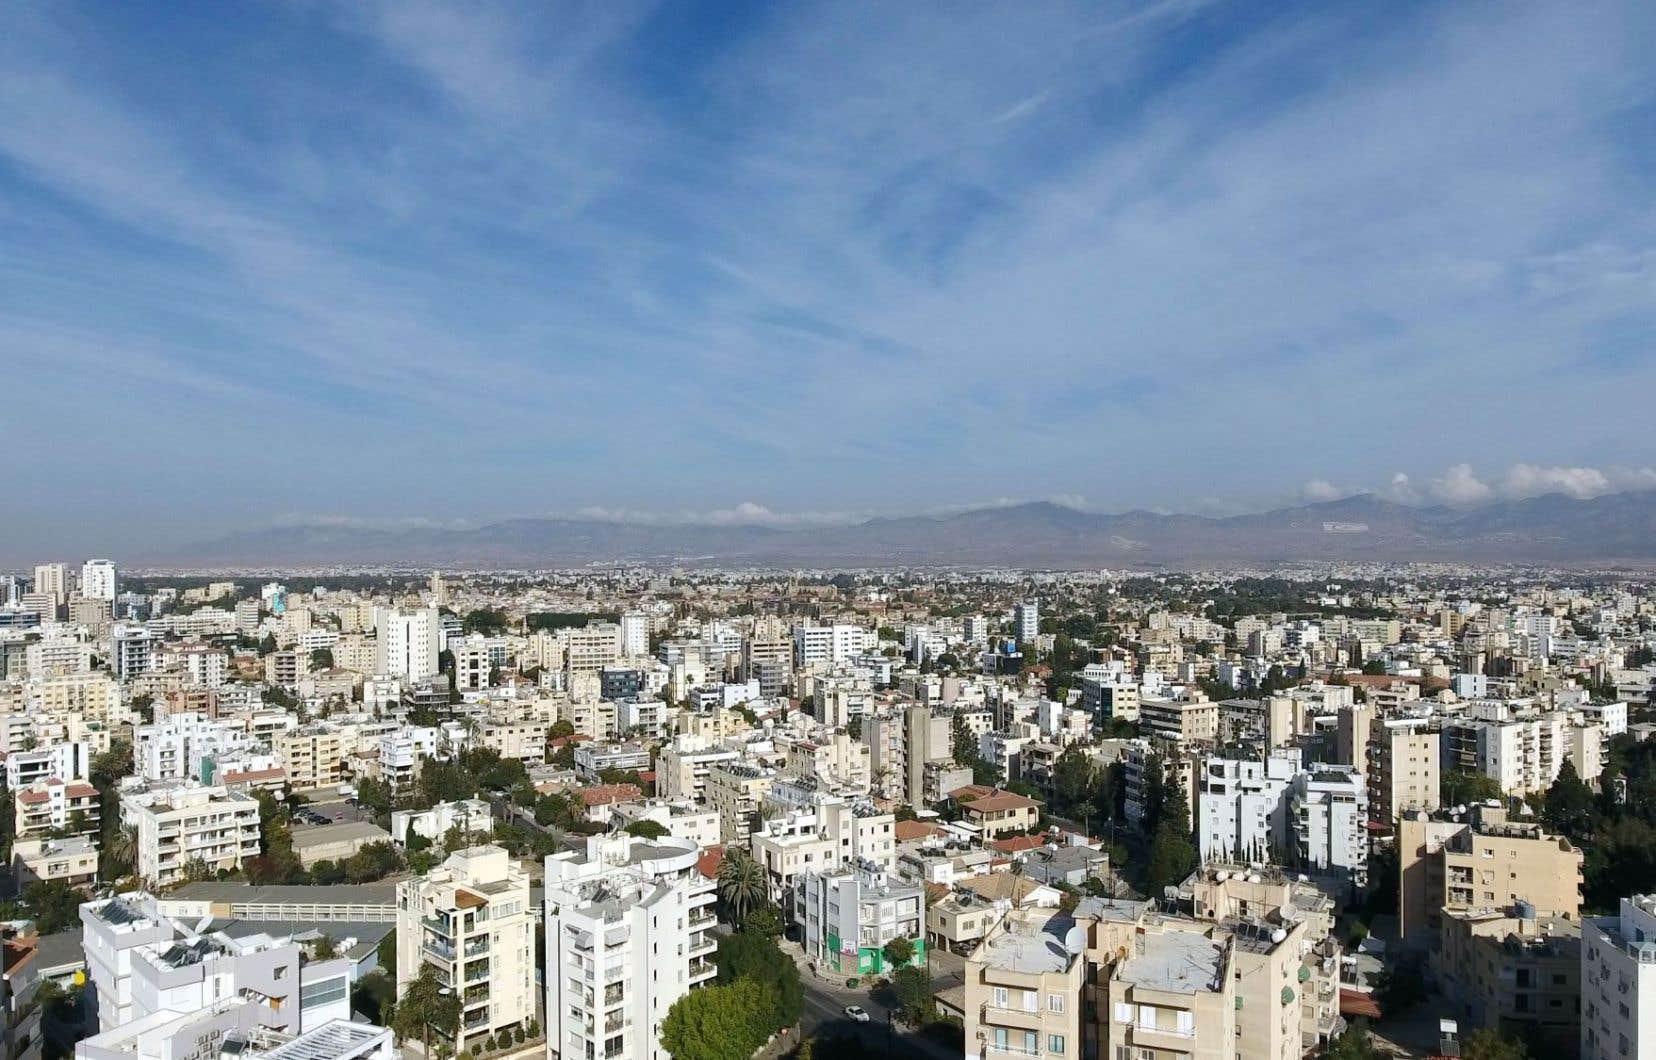 Vue aérienne de Nicosie, capitale de l'île de Chypre